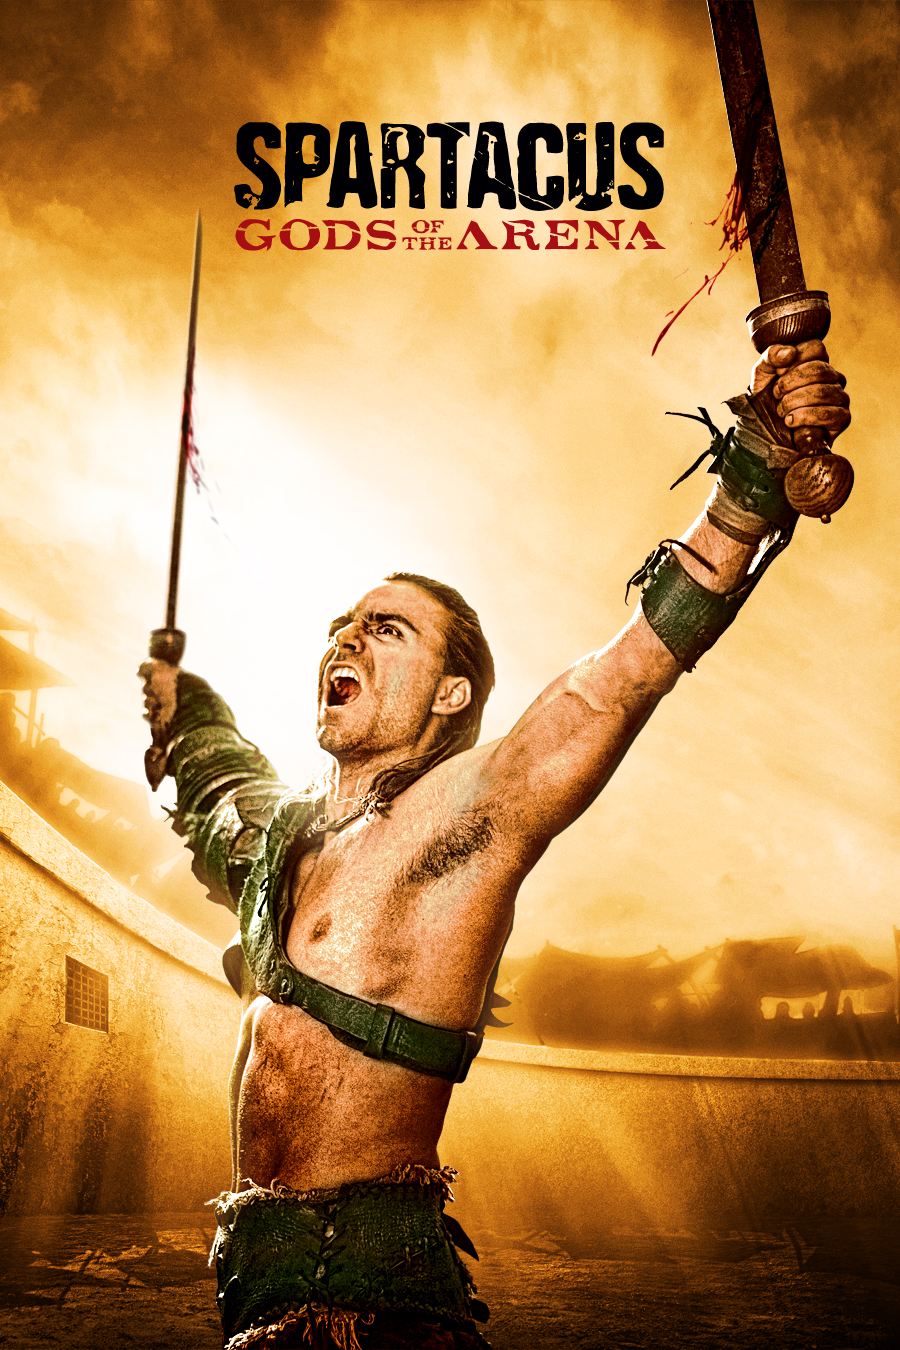 Spartacus Gods Of The Arena - Các Vị Thần Của Arena - Chúa Tể Đấu Trường - First Season 2011 Tập 6/6